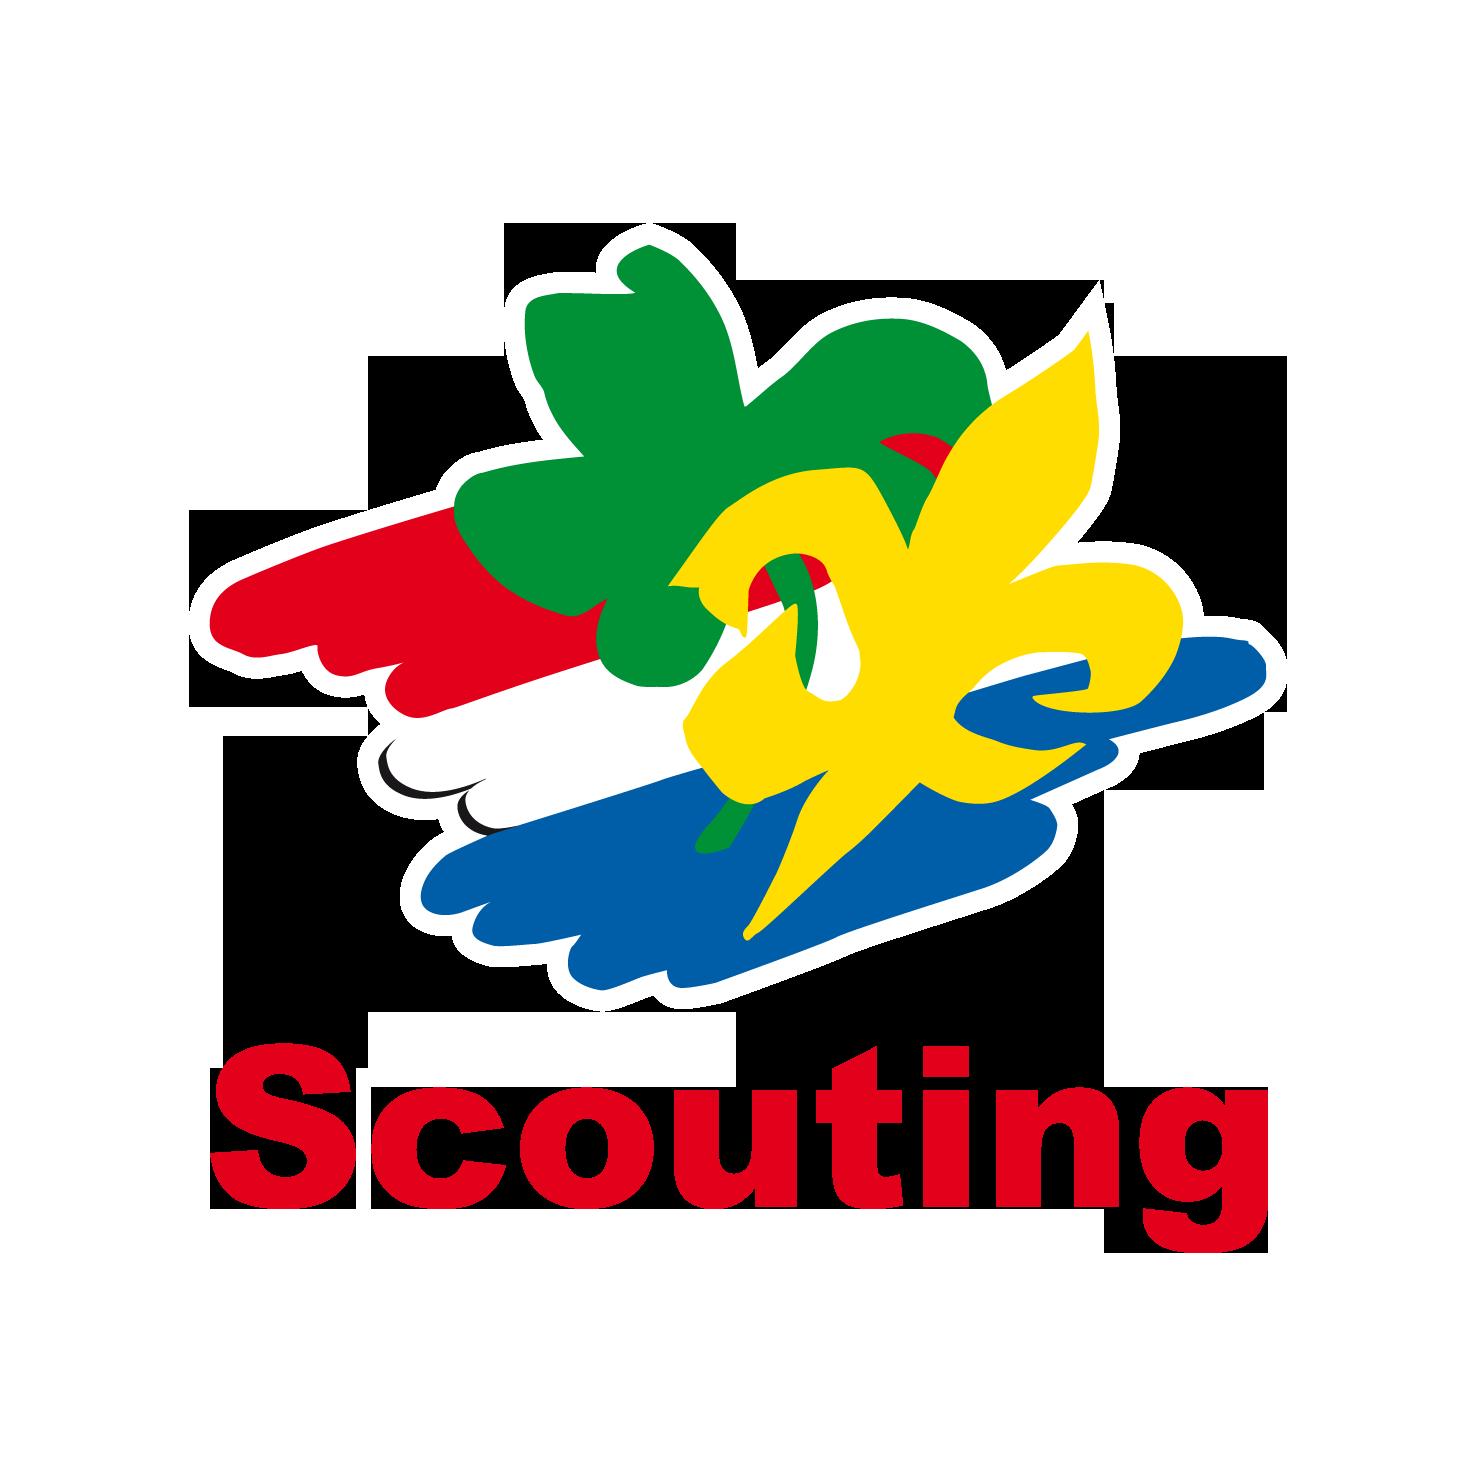 Afbeeldingsresultaat voor scouting